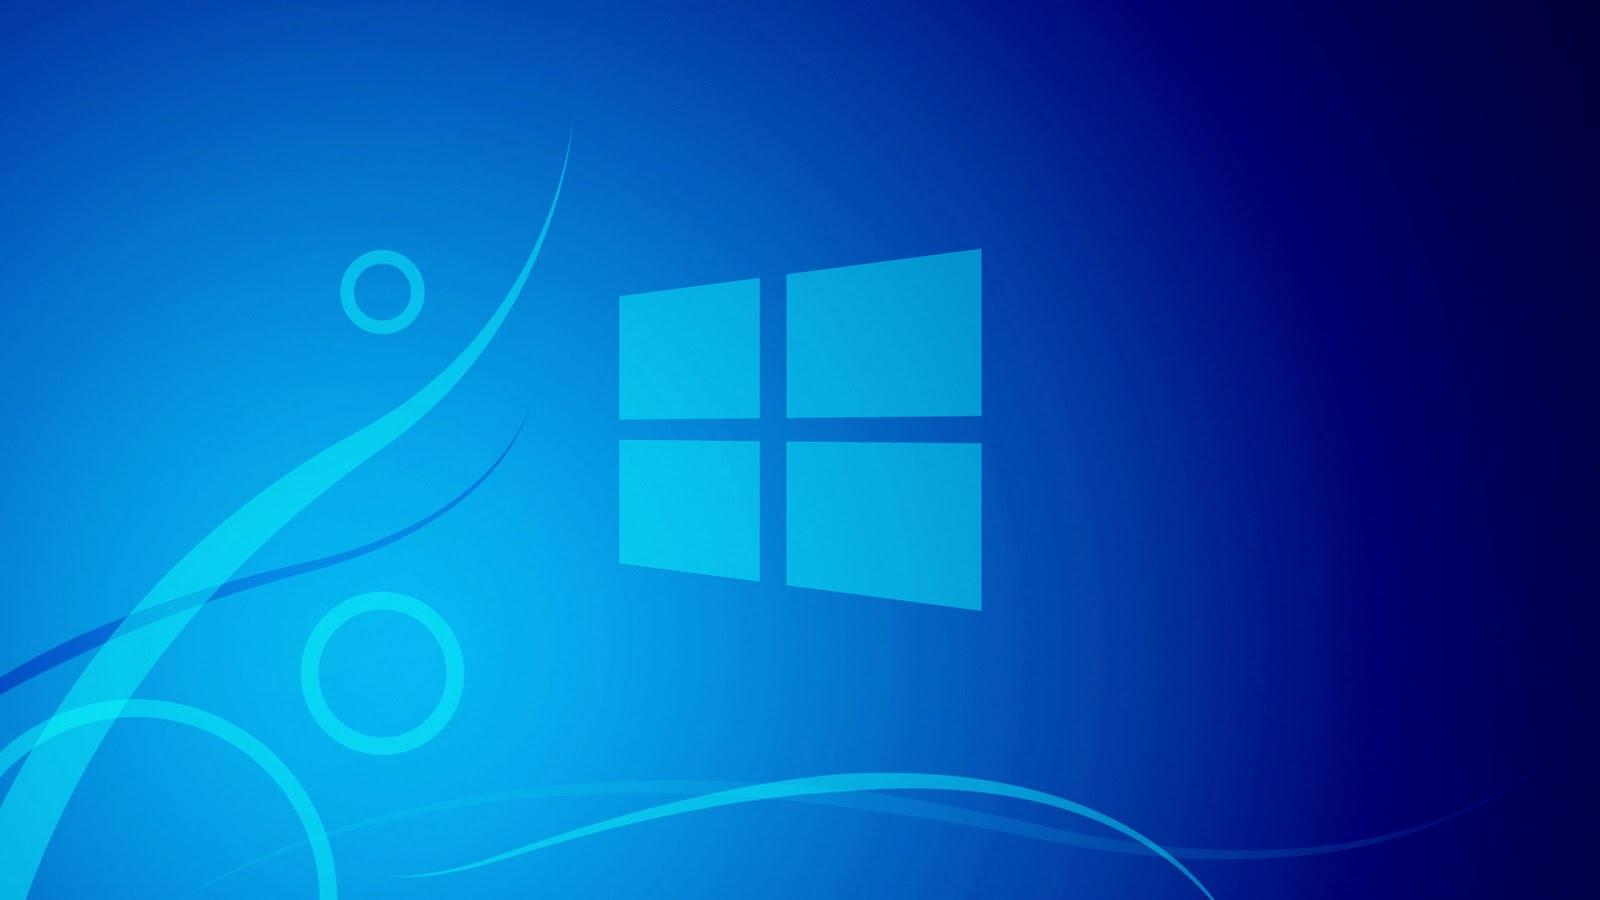 Hp wallpapers hd 1080p wallpapersafari - Windows 10 wallpaper hd 1080p ...